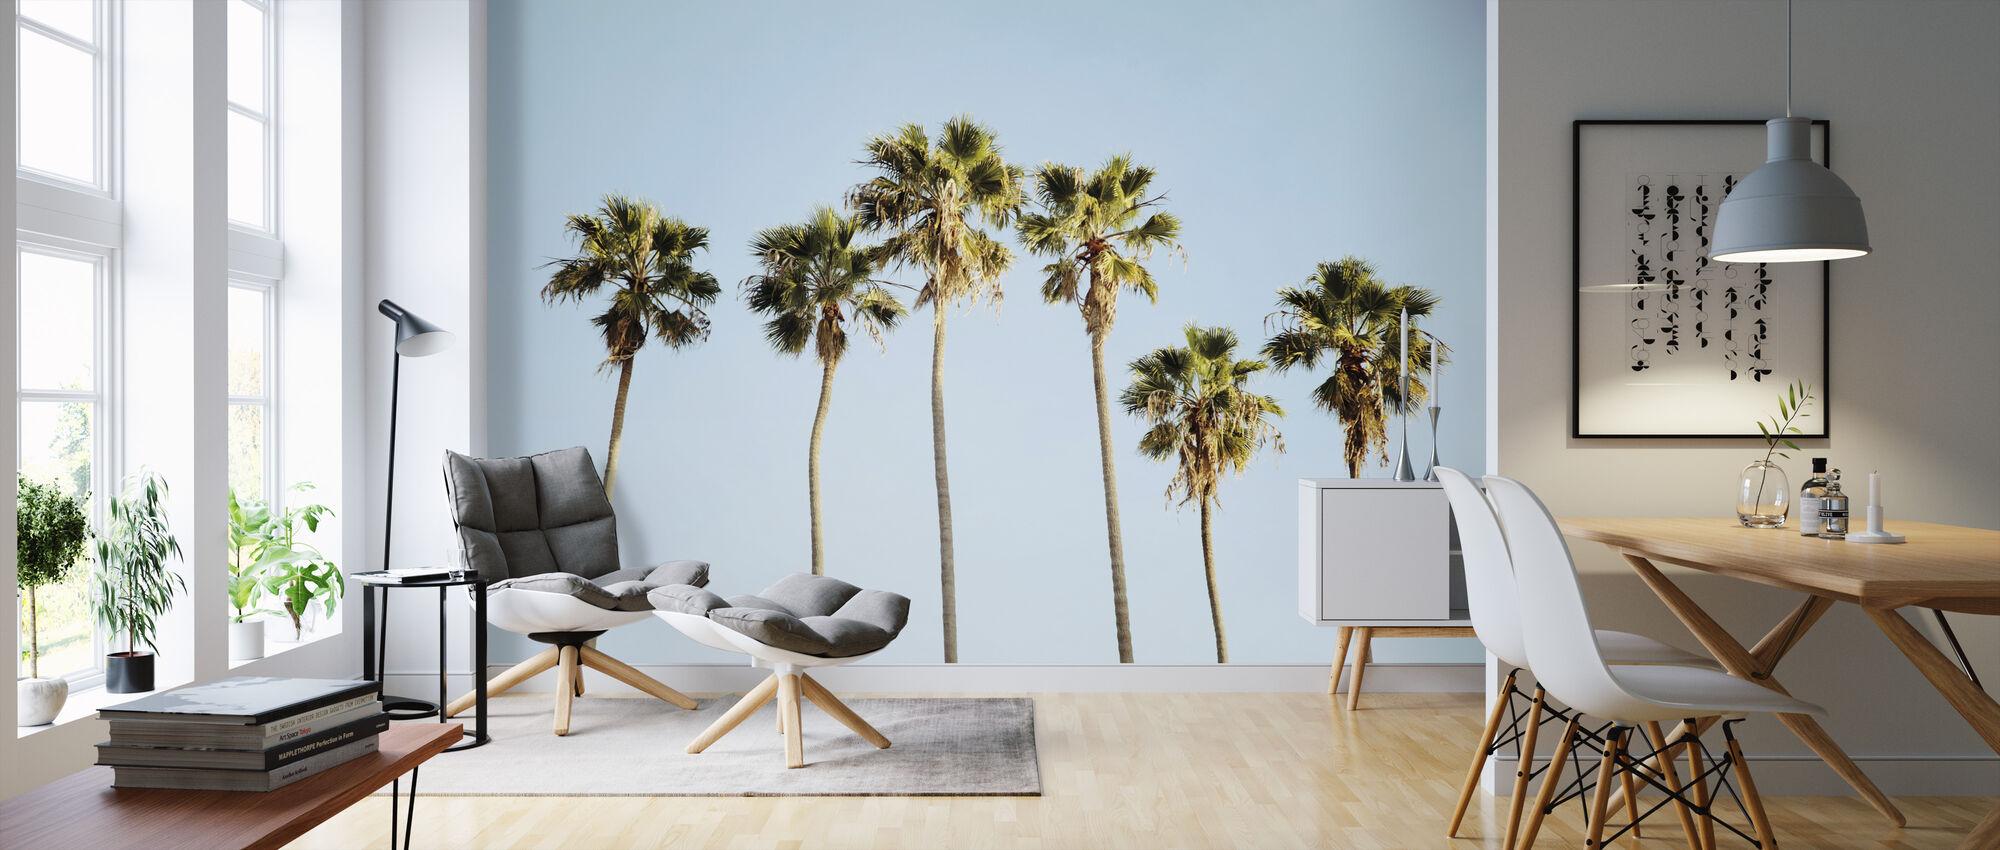 Endless Summer V - Wallpaper - Living Room